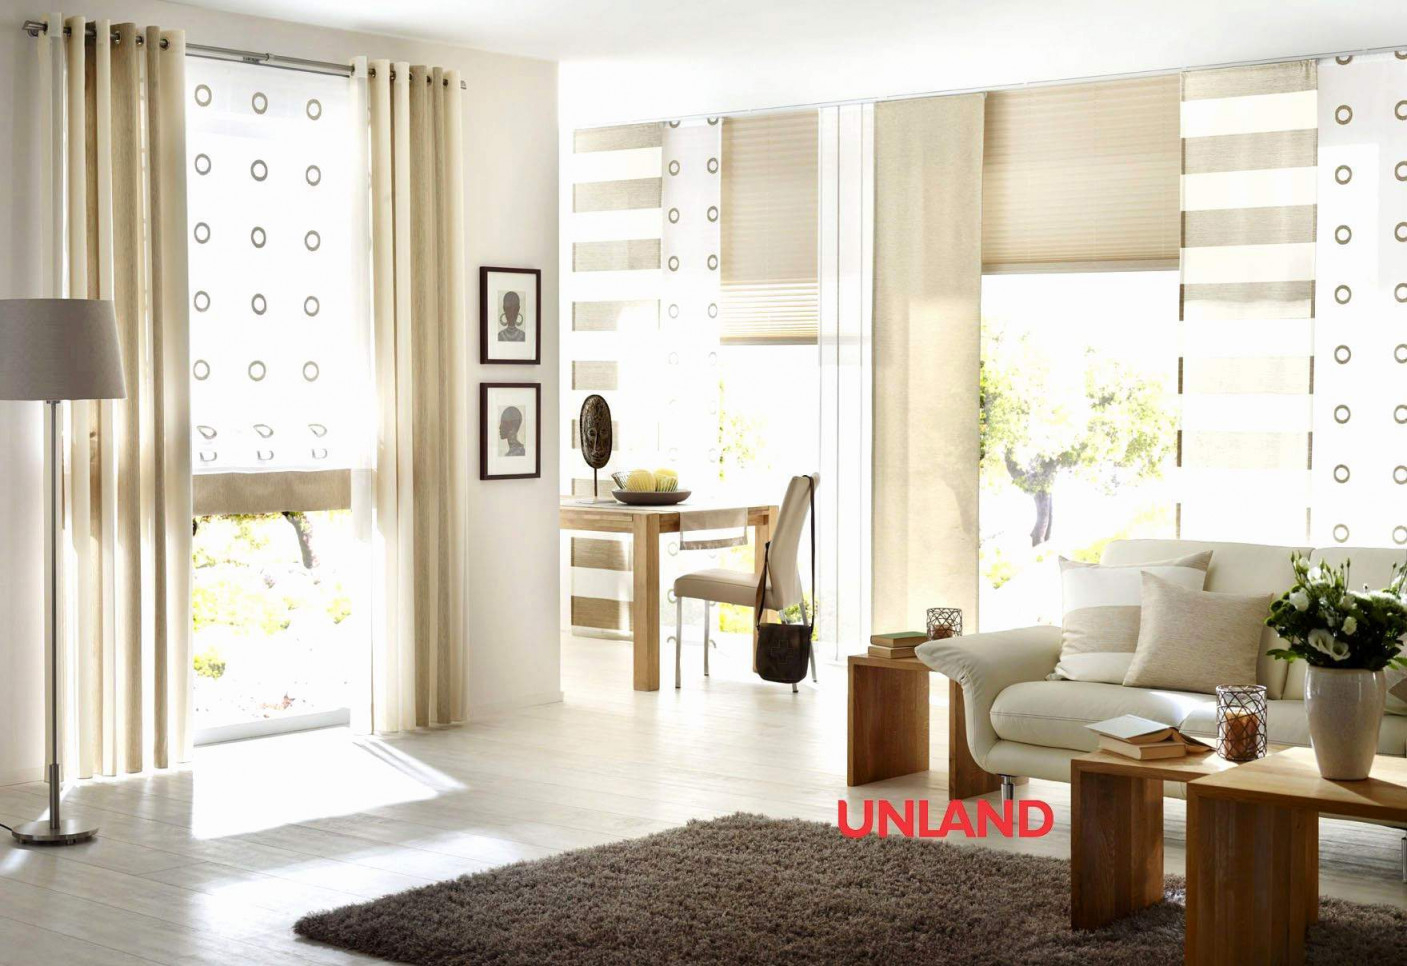 Gardinen Set Wohnzimmer Inspirierend 40 Elegant Wohnzimmer von Wohnzimmer Gardinen Set Bild